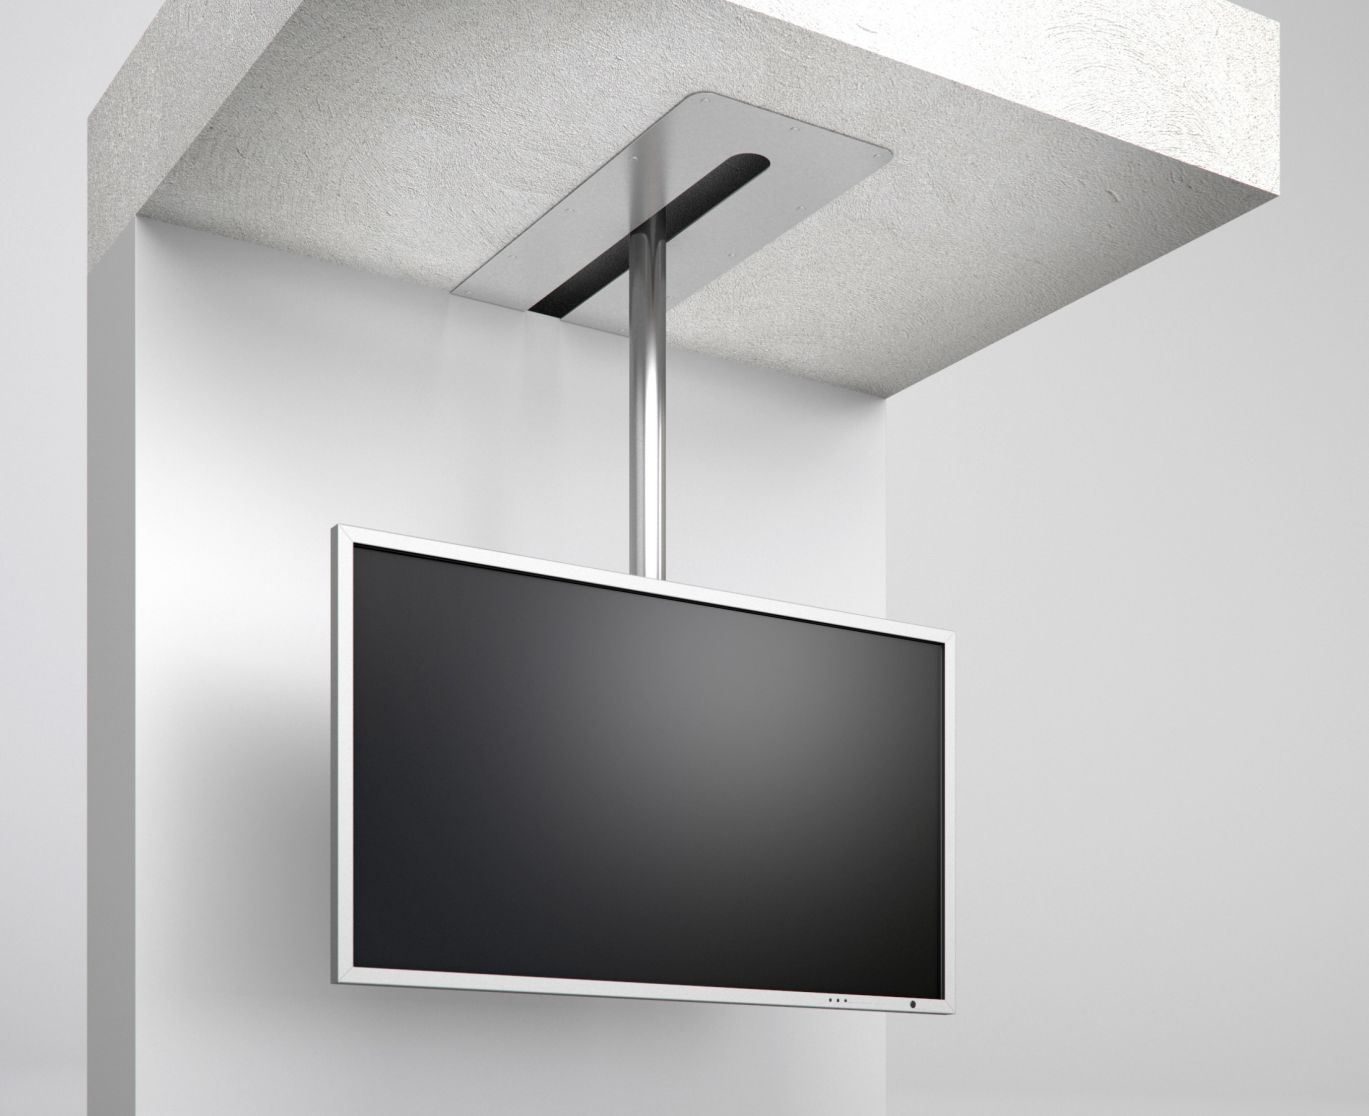 bewegliche tv deckenhalterung f r flachbildfernseher bis 70 zoll. Black Bedroom Furniture Sets. Home Design Ideas